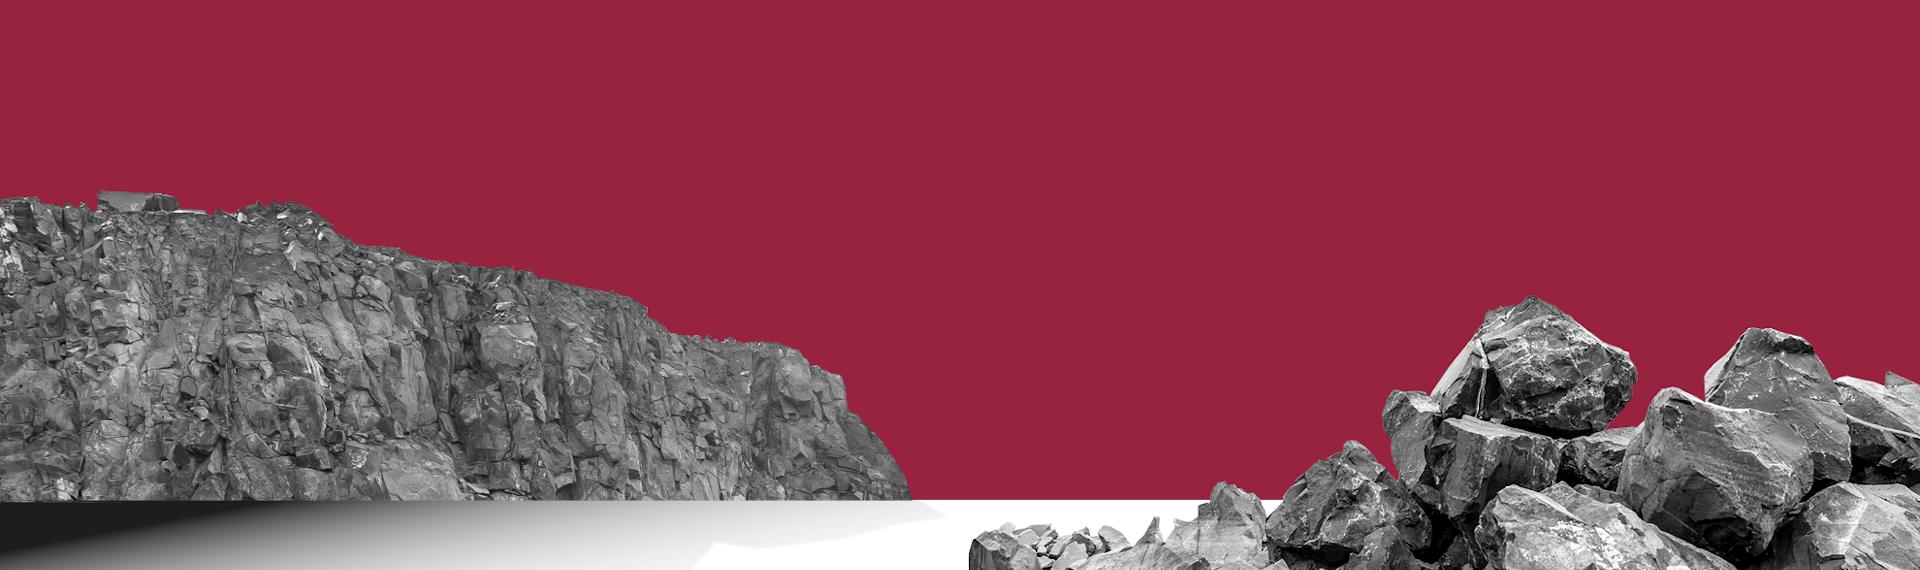 kameny na červeném pozadí